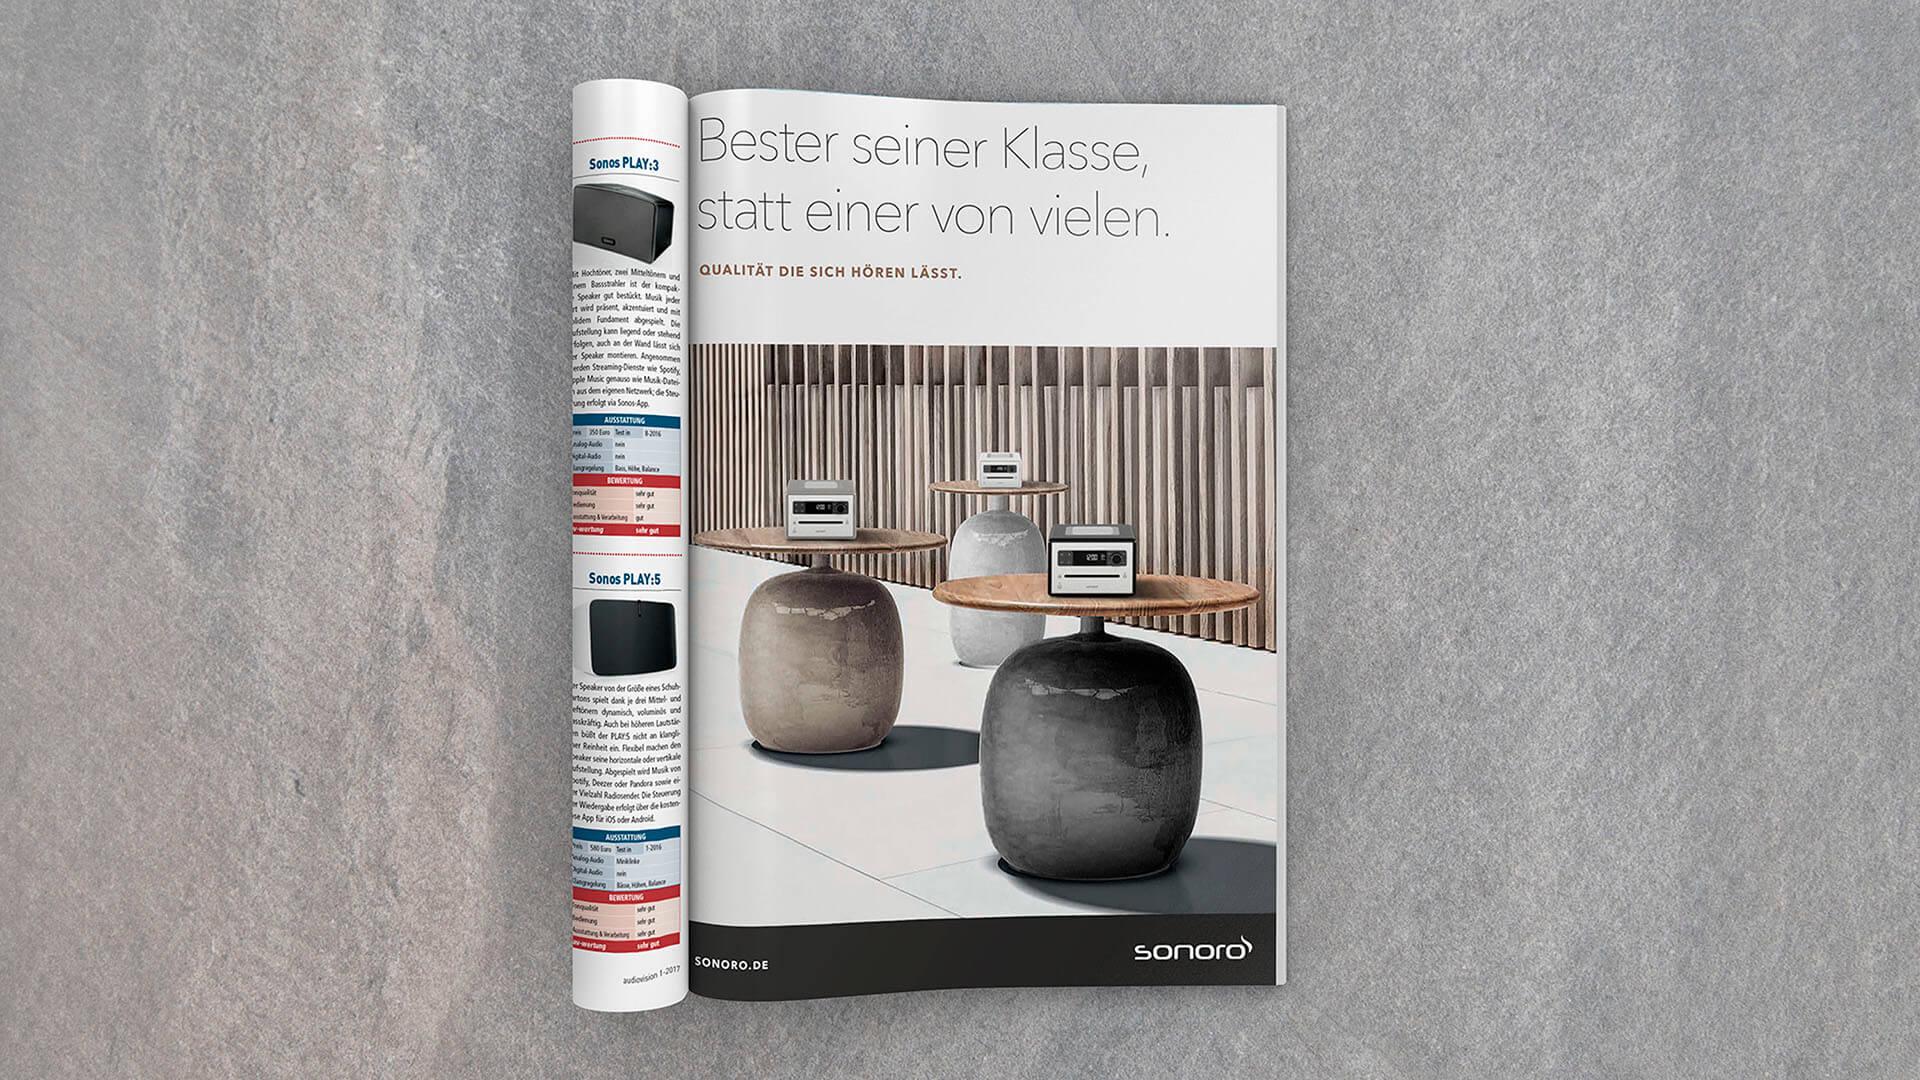 Sonoro Werbung in einem Magazin